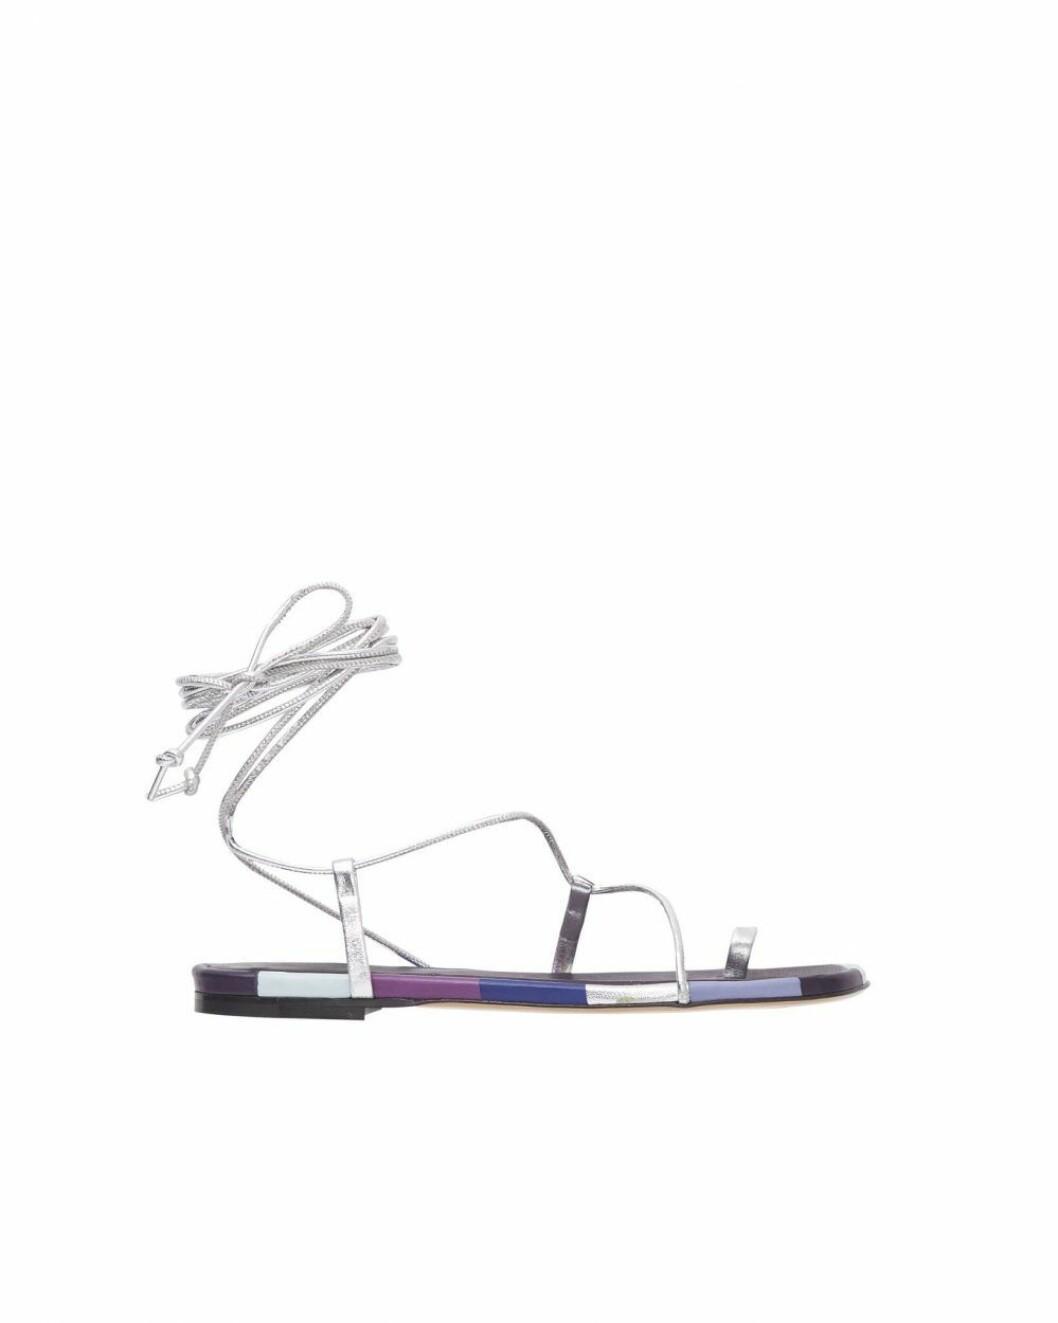 lila sandaler från Isabel Marant.